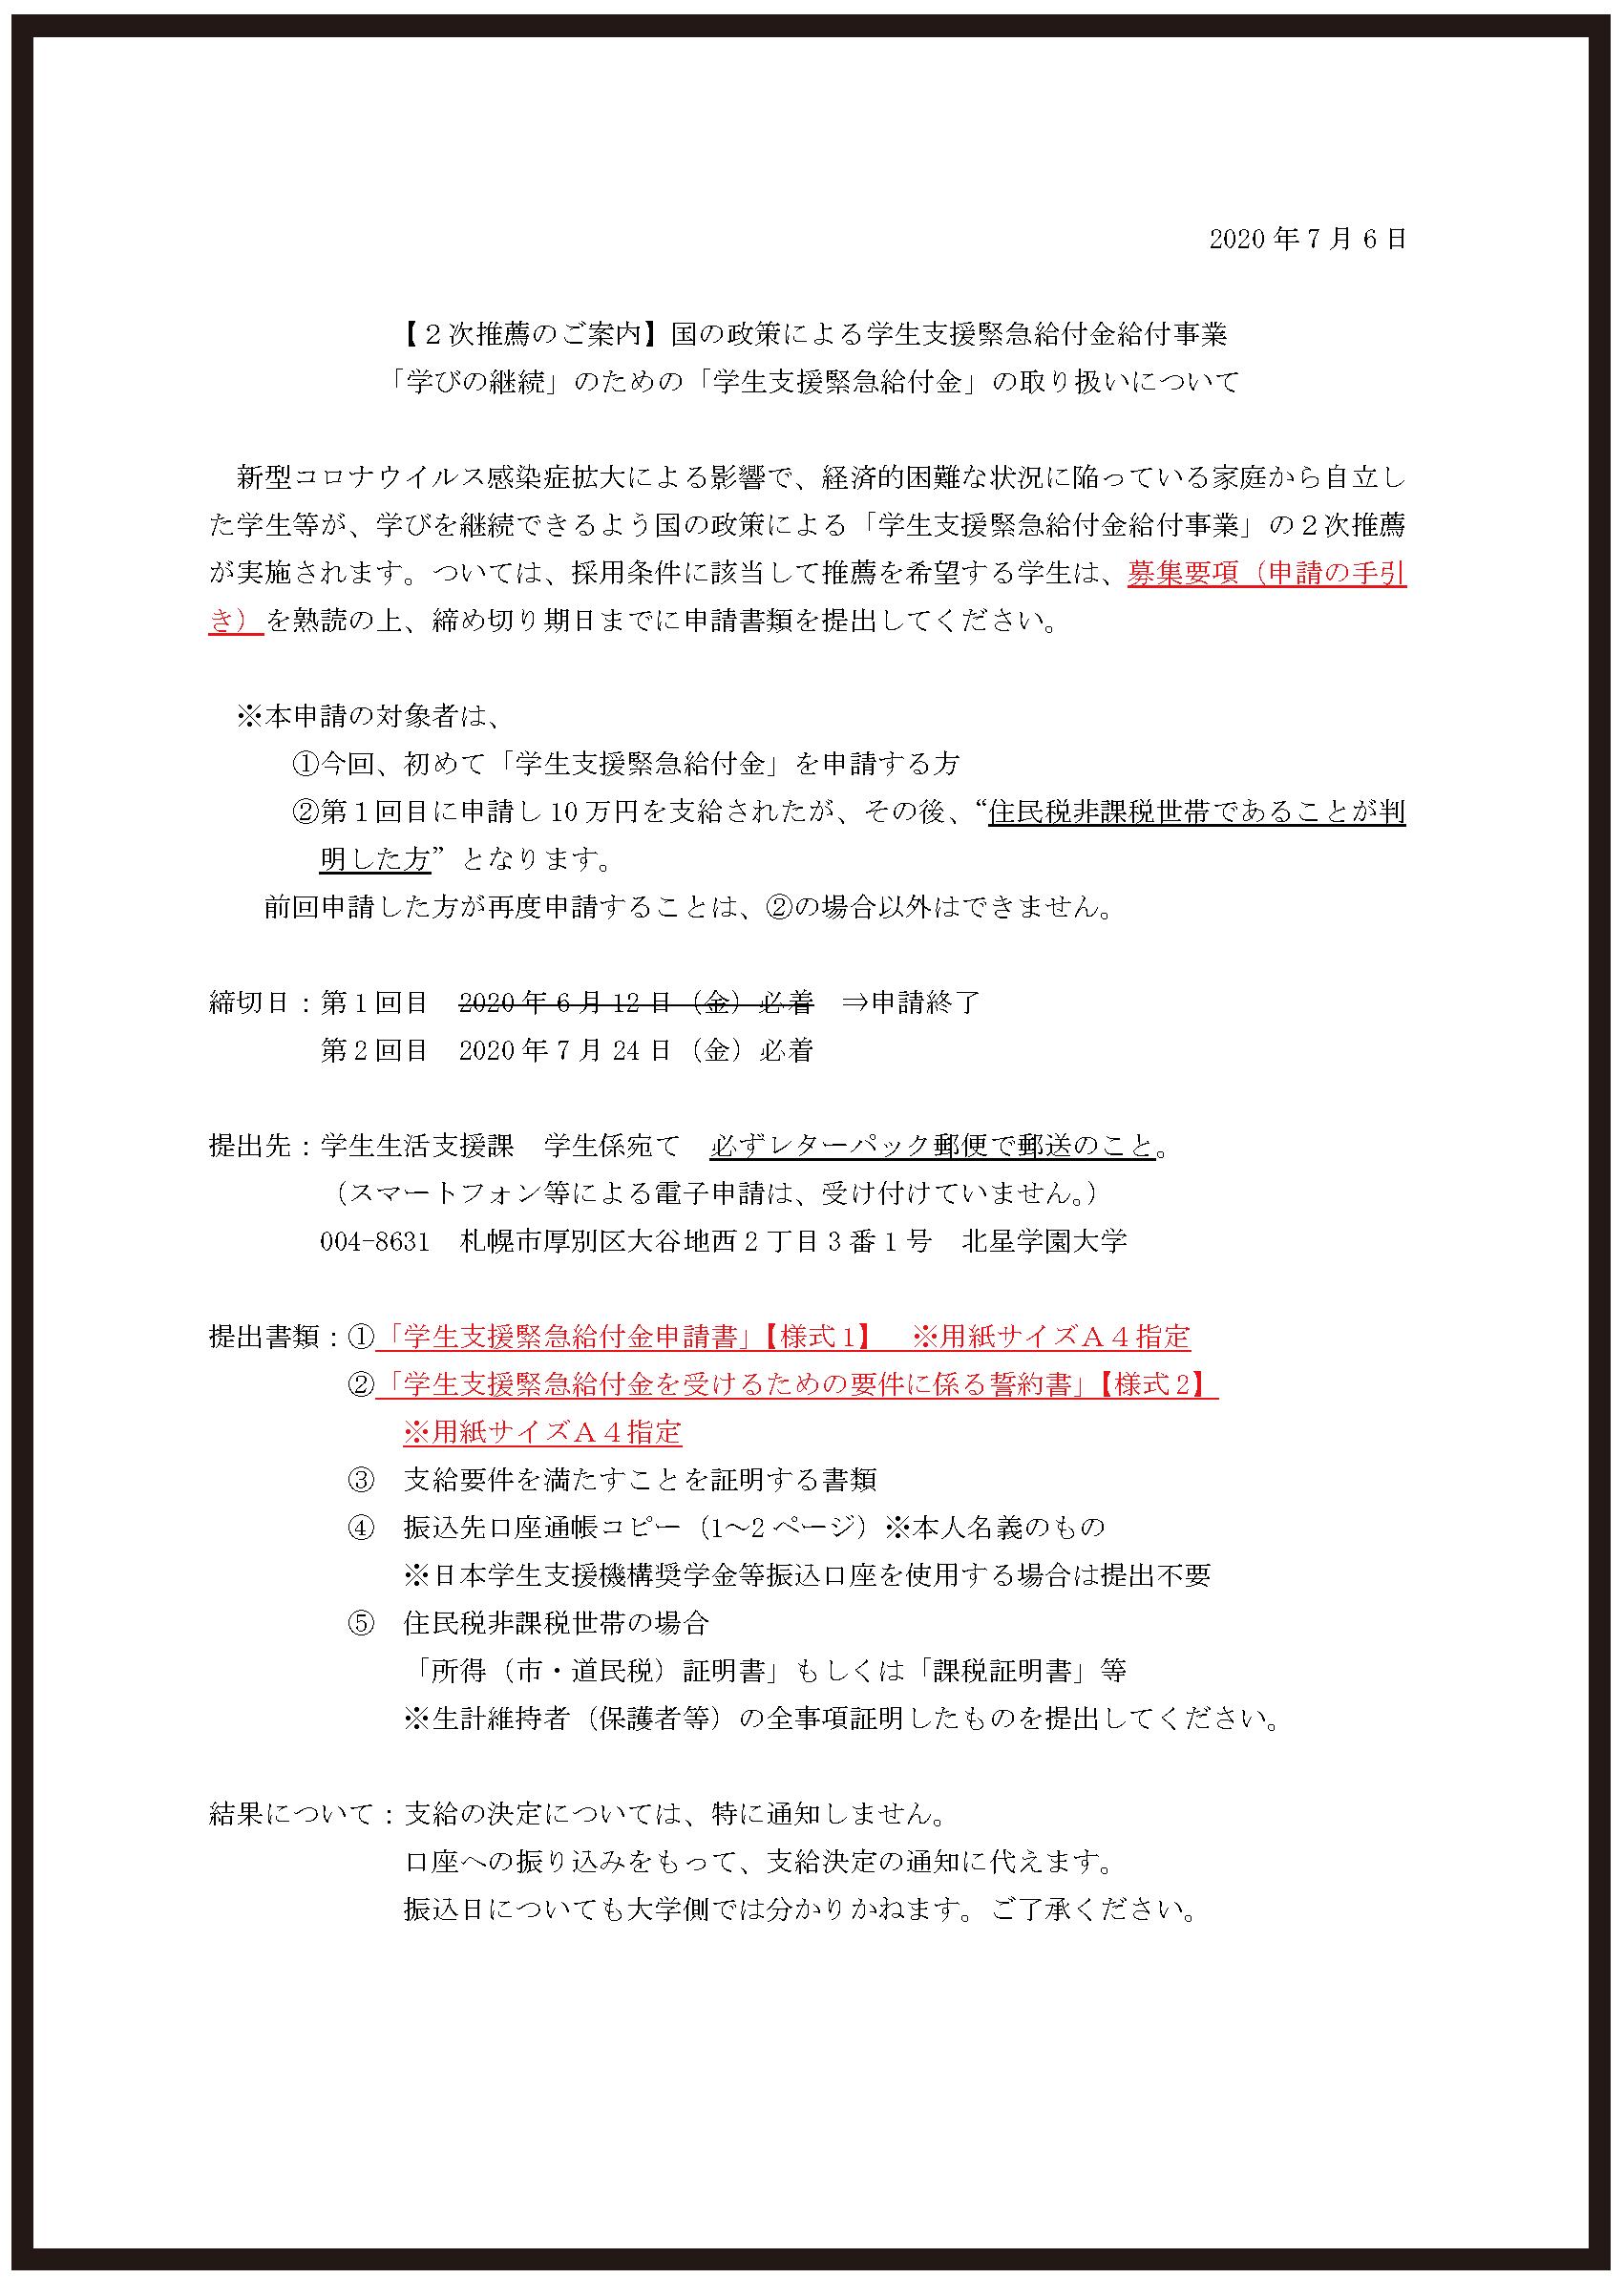 書 給付 申請 文部 緊急 学生 支援 科学 金 省